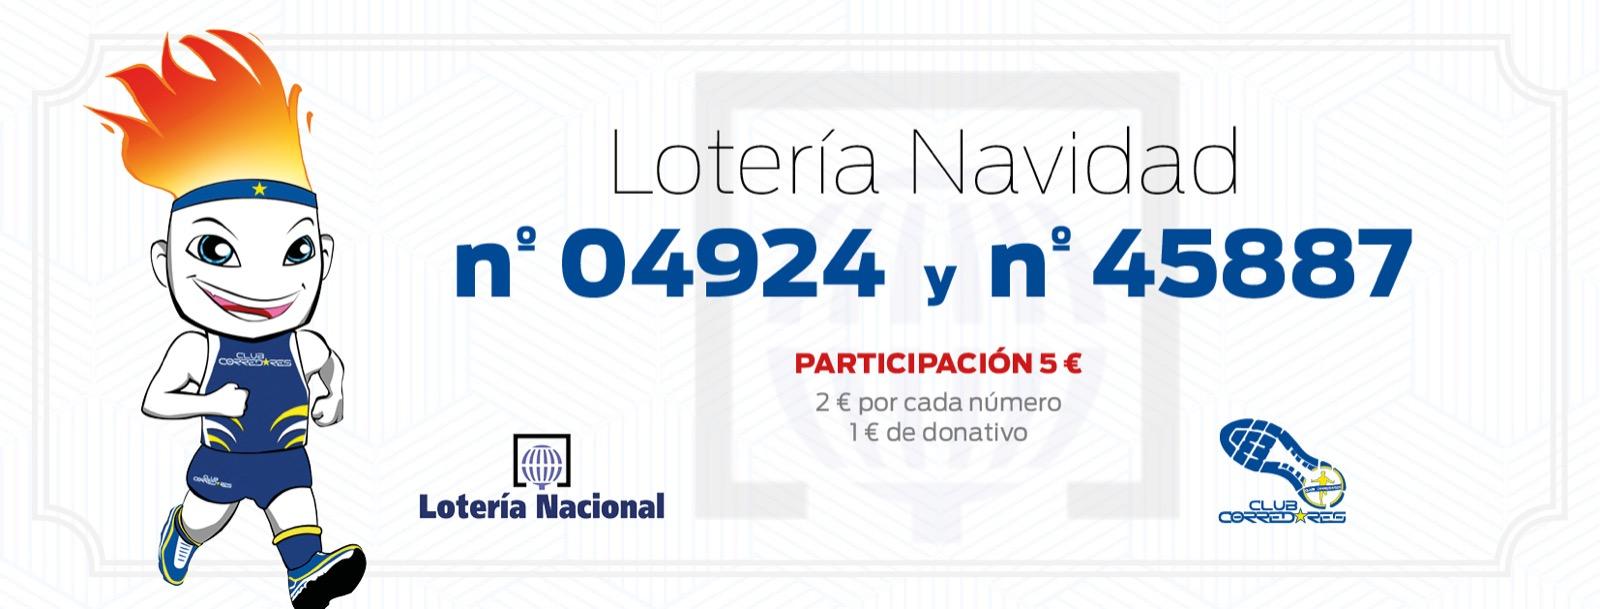 Papeletas Loteria de Navidad Club Corredores 2020